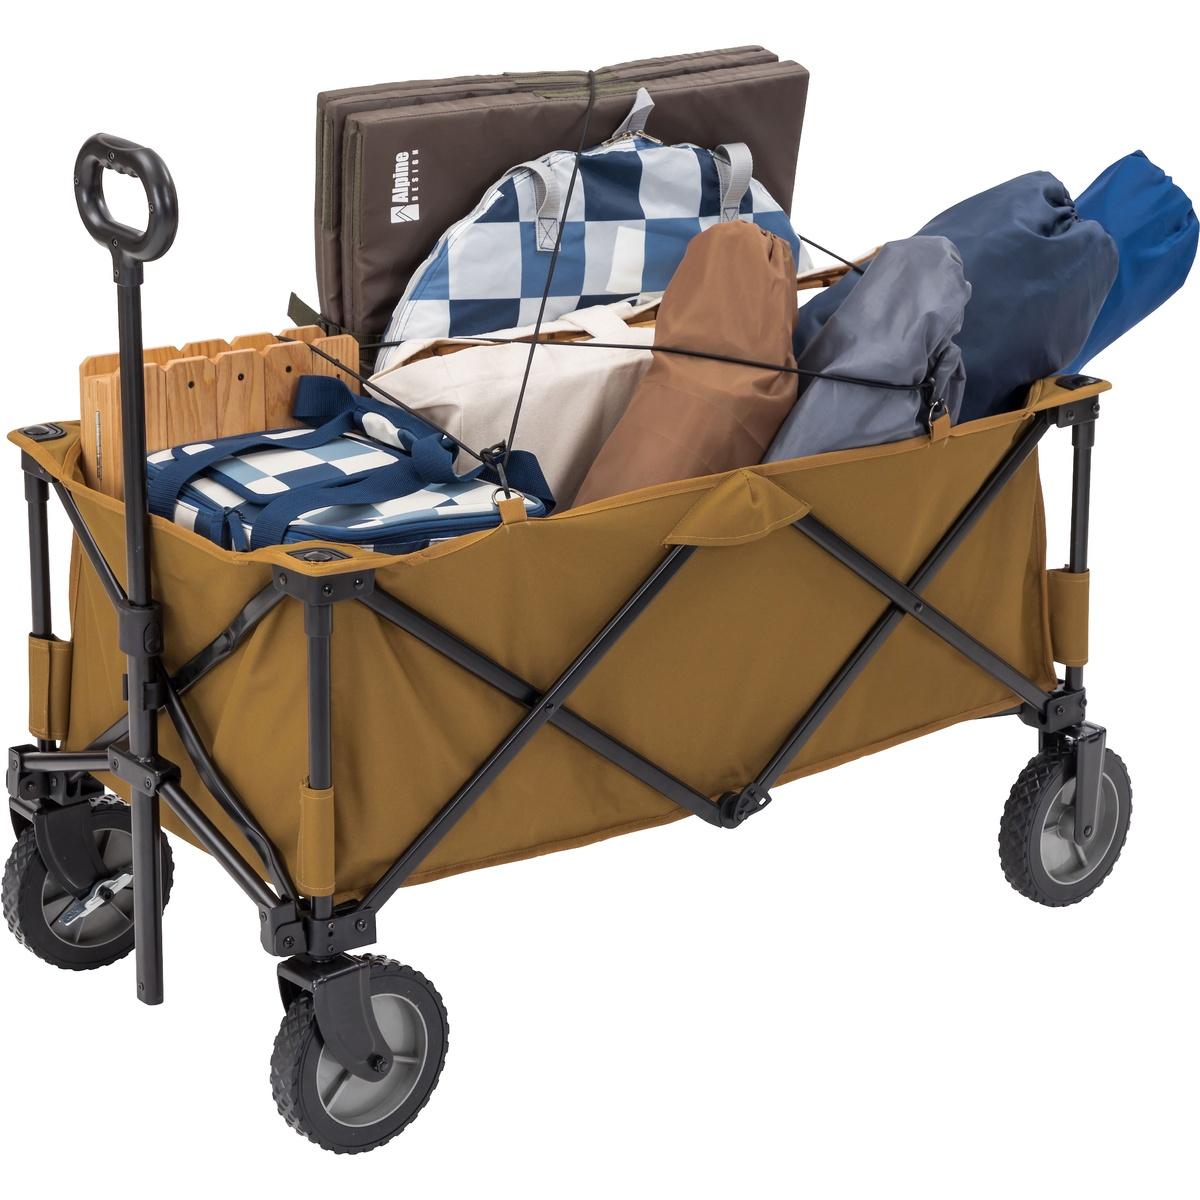 アルパインデザイン キャンプ用品 物品 キャンピングアクセサリー キャリーワゴン 人気ブランド DESIGN Alpine コヨーテブラウン AD-S19-015-056